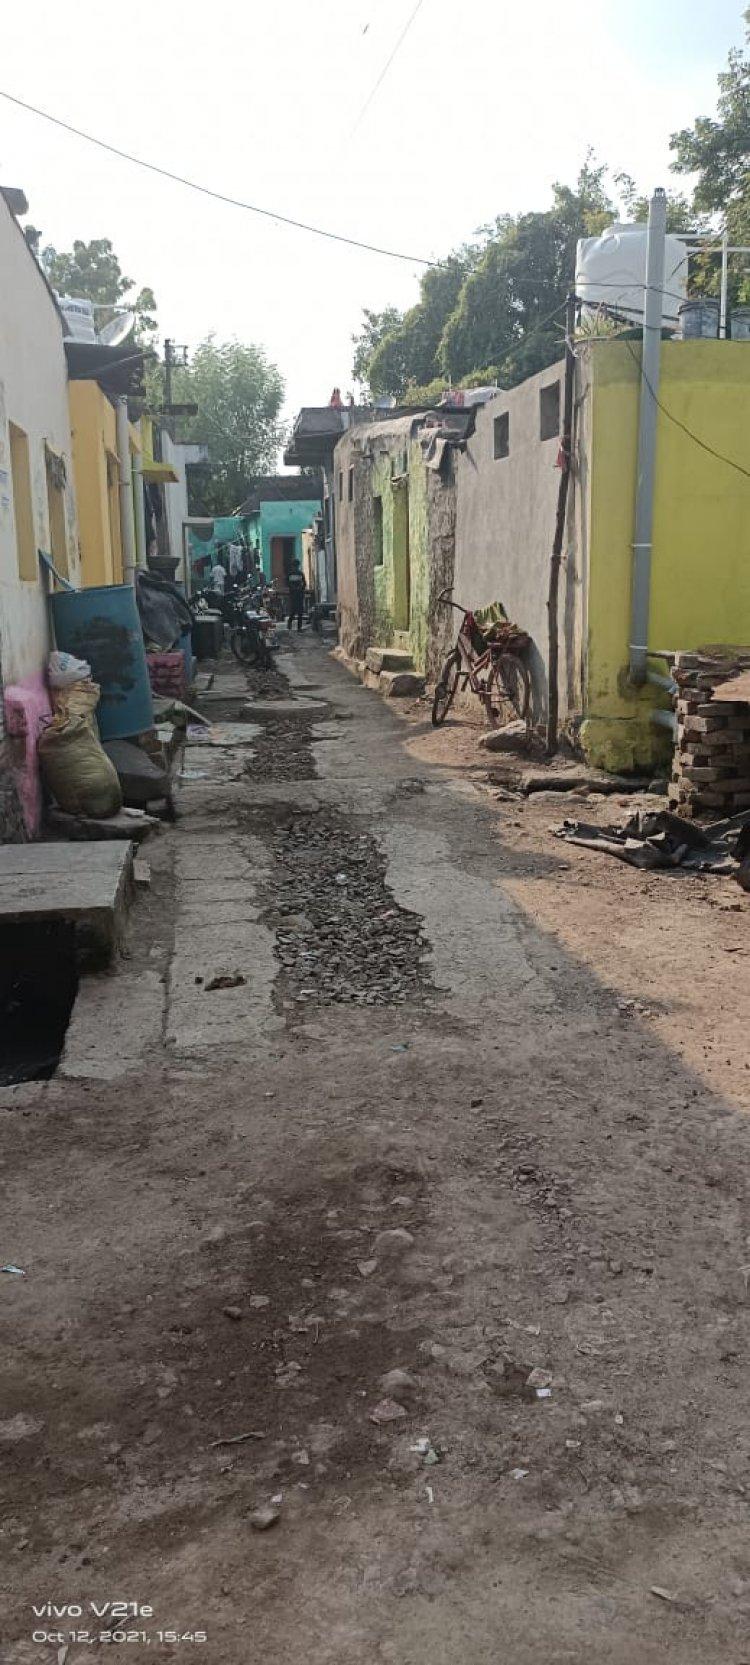 शहरातील प्रभाग क्र.15 मधील रखडलेले कामे न.प.ने तात्काळ पुर्ण करावे-  गोविंद मोहेकर